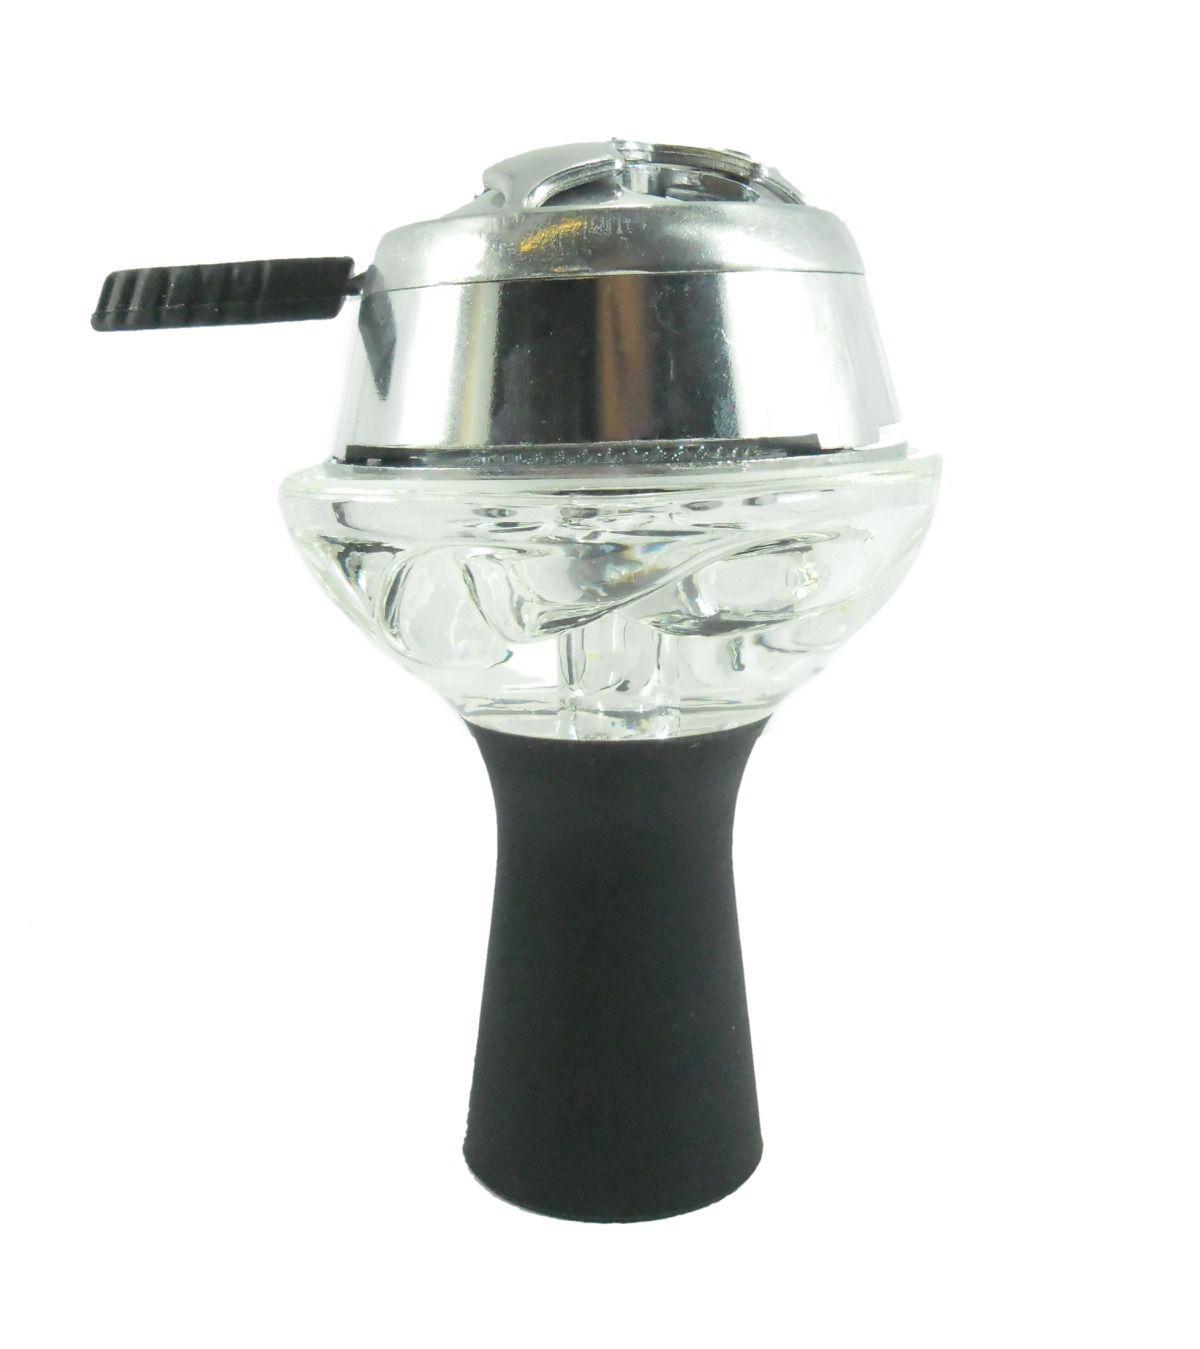 Controlador de Calor marca Kaloud + Rosh Samsaris Vitria III (Silicone e vidro)